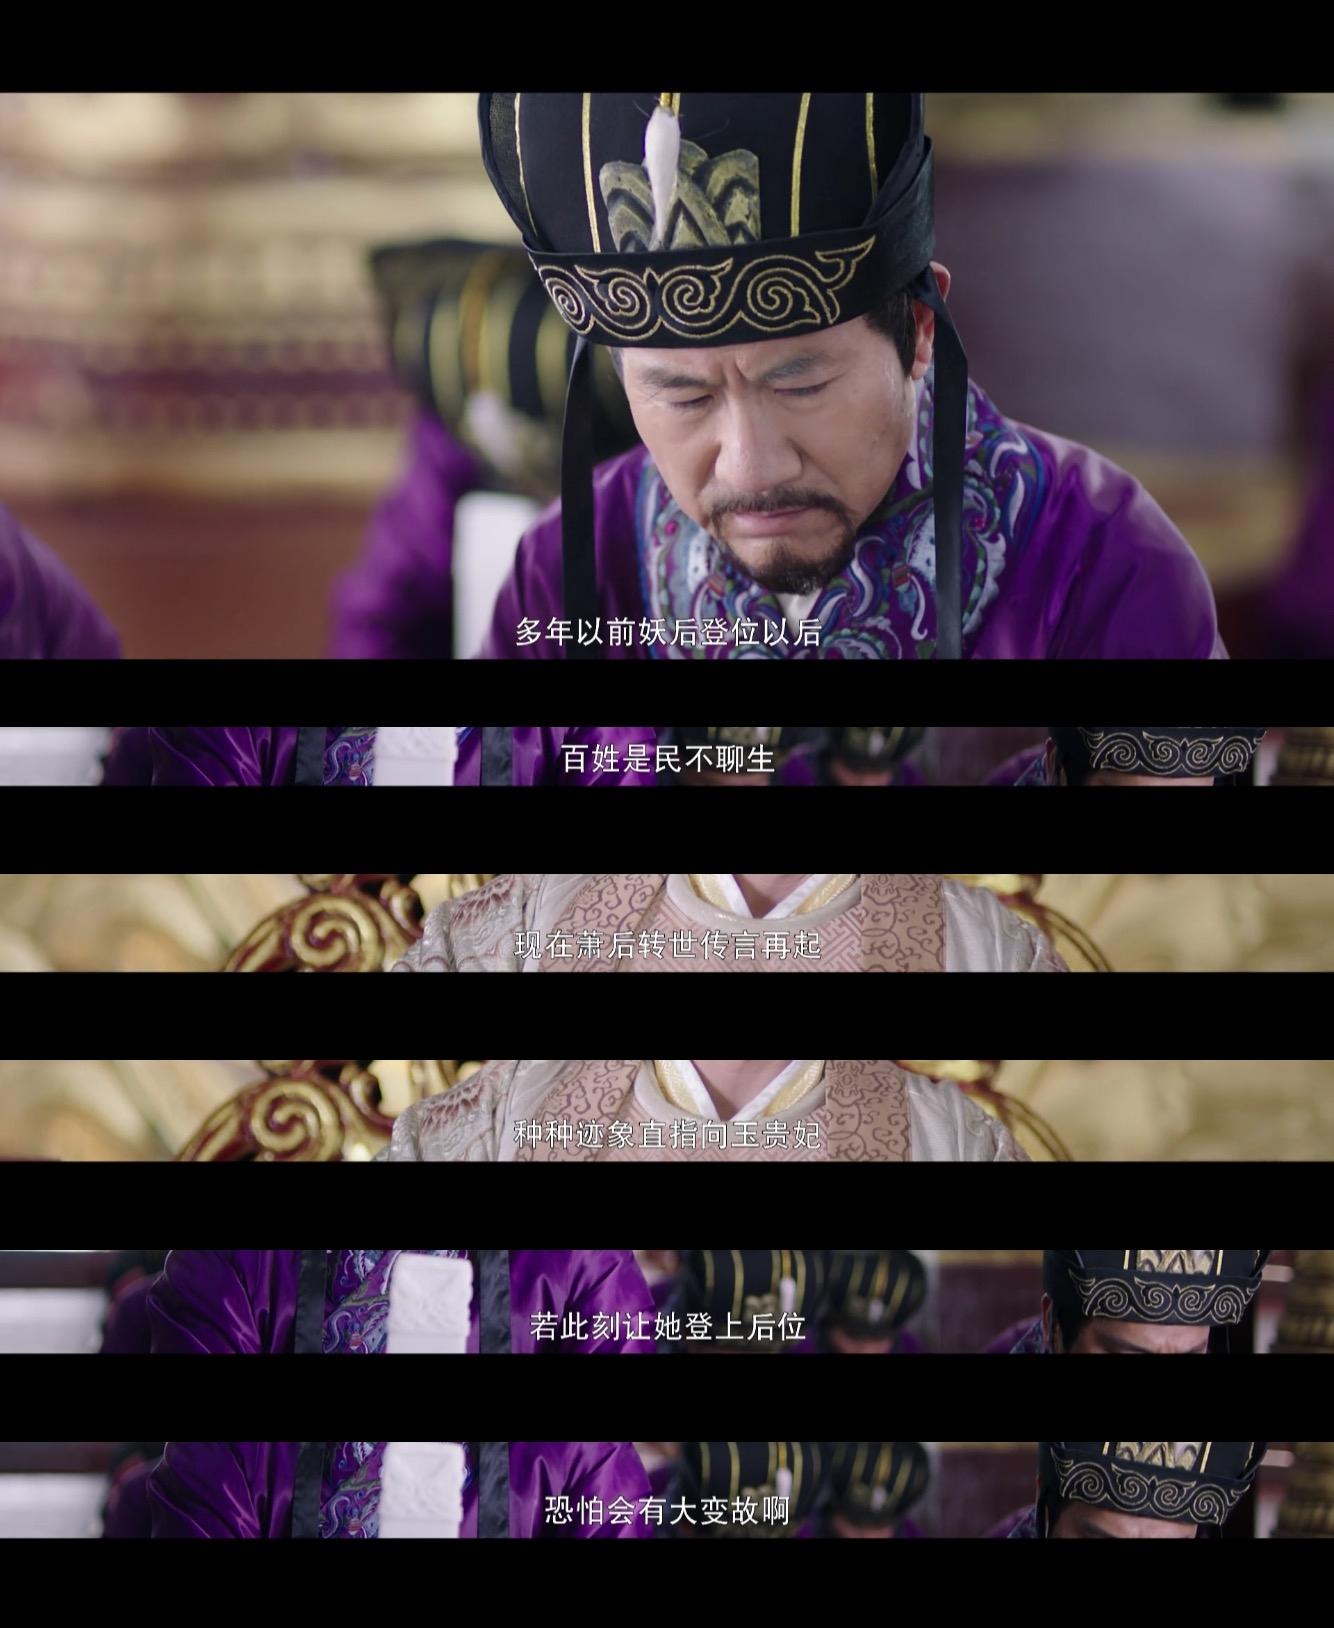 易夫人杀害高太尉后掌管月西楼,誓要让李唐江山成为她东瀛人的天下